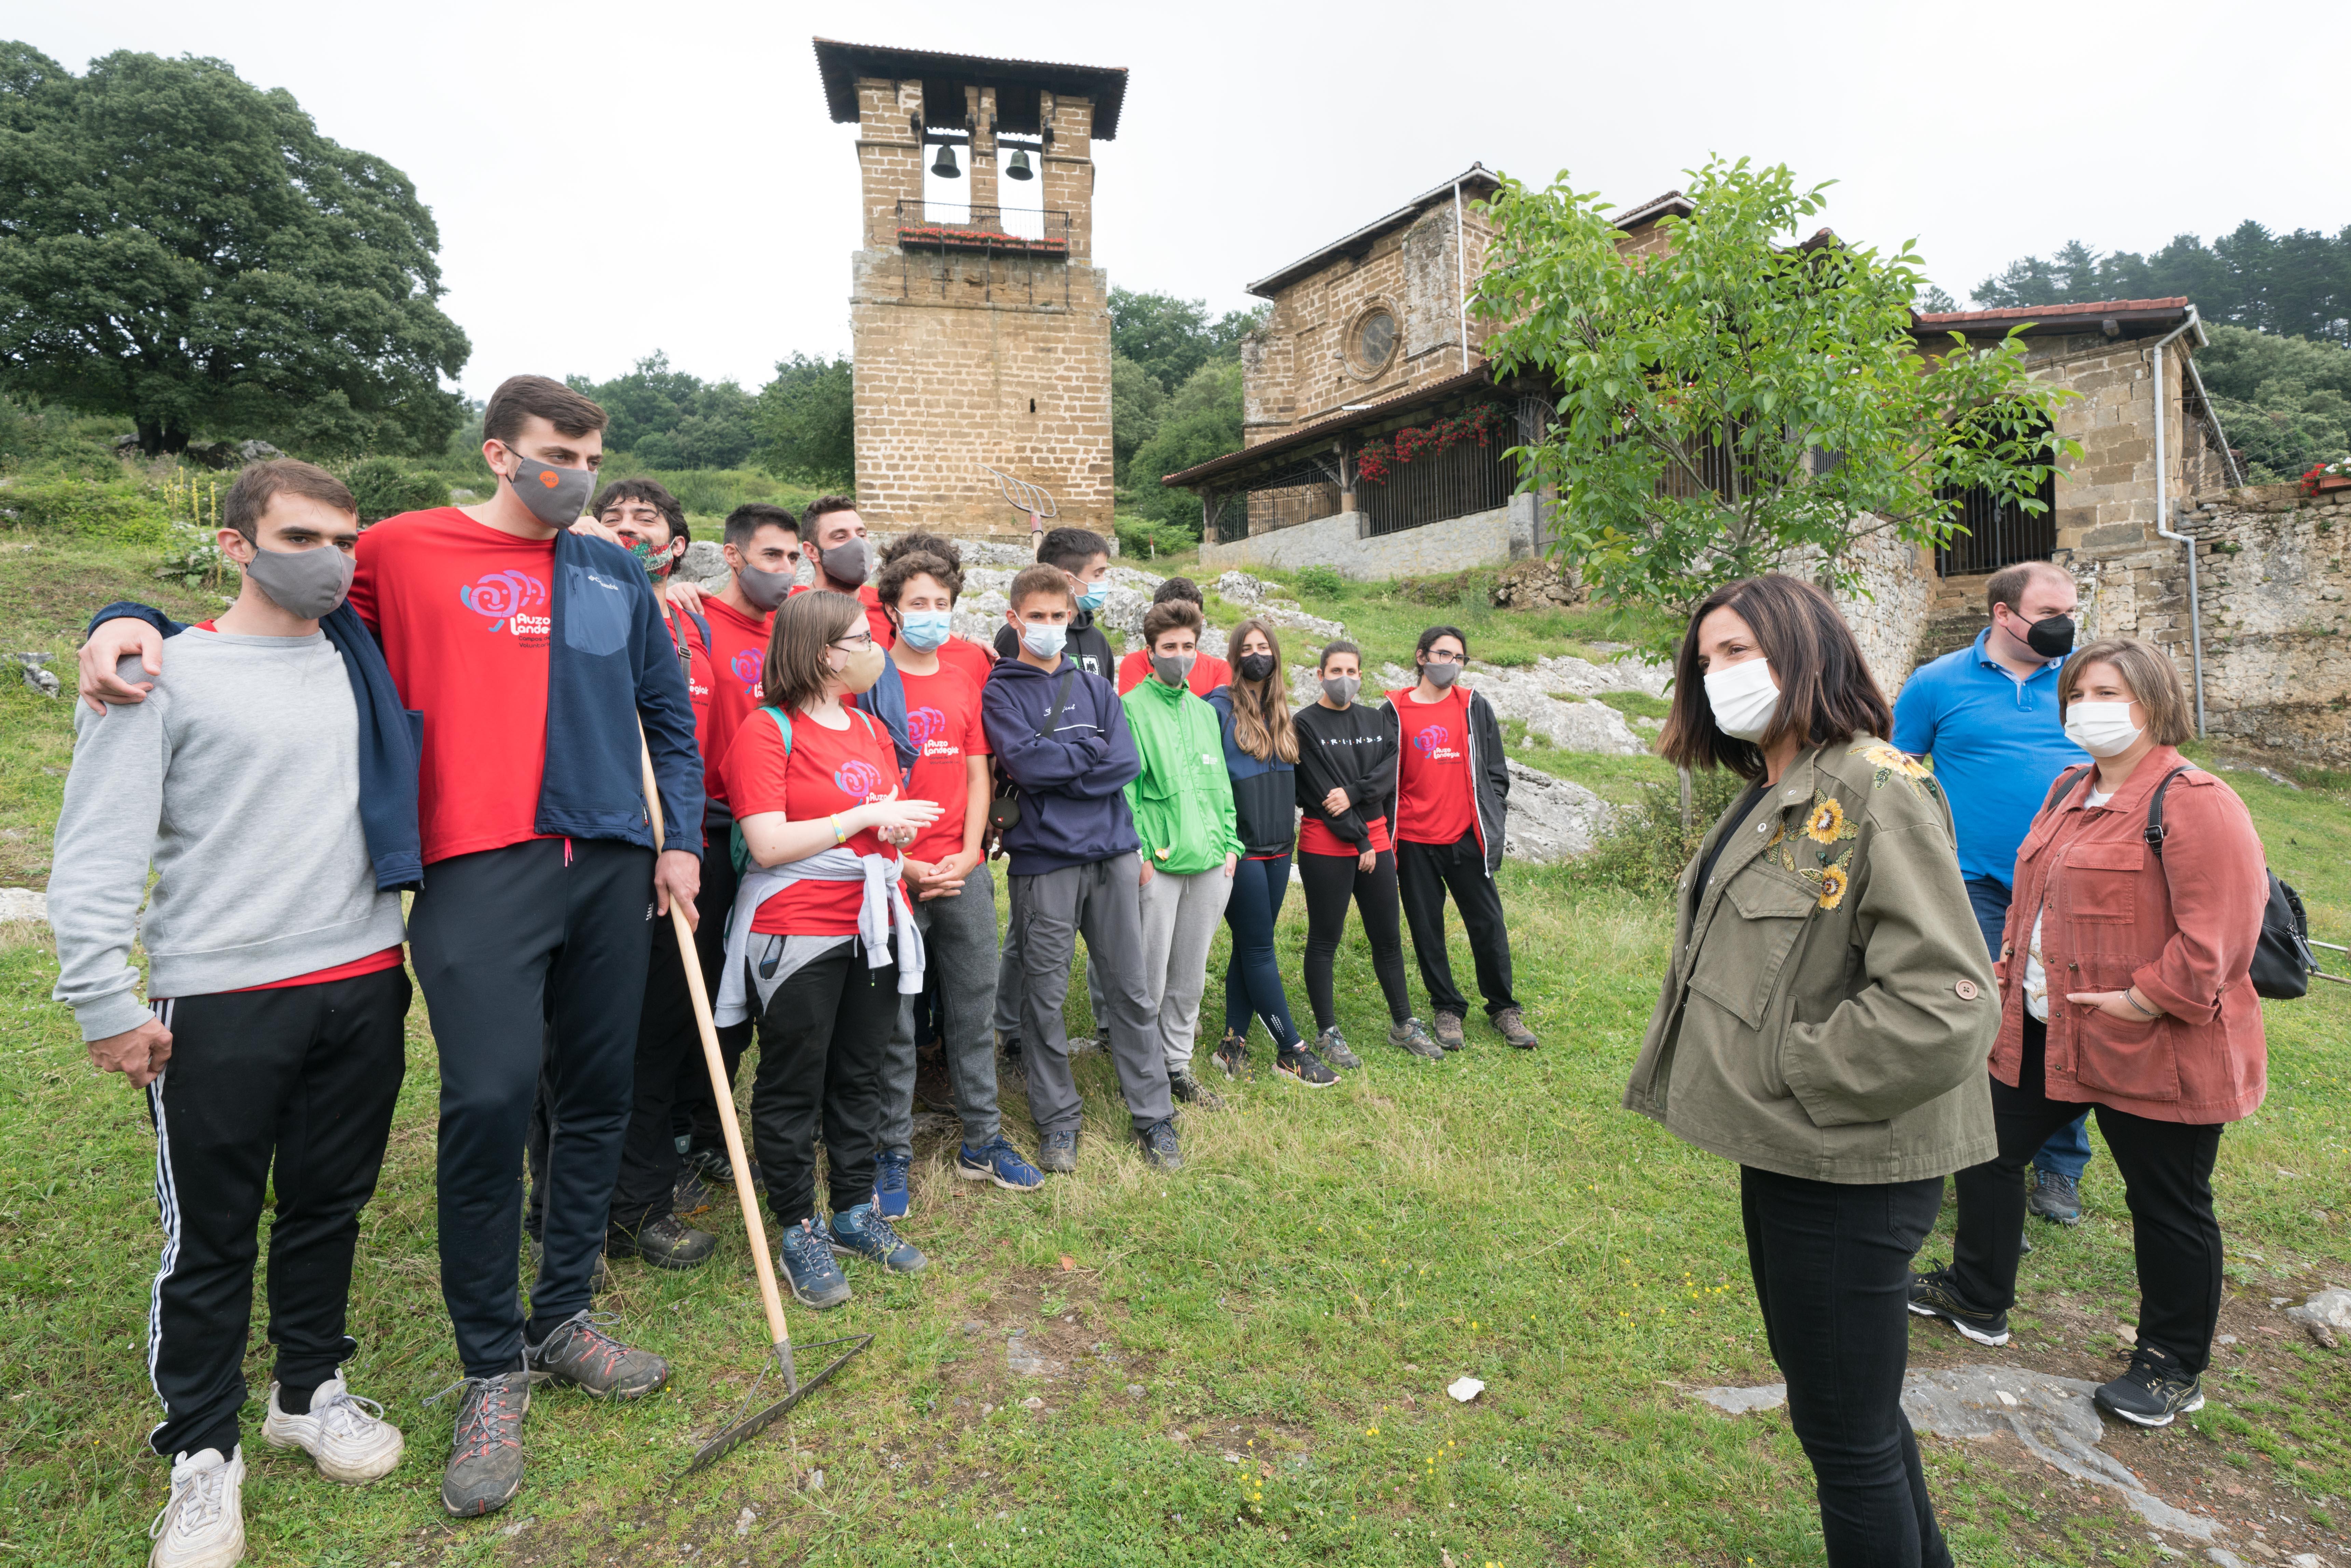 Beatriz Artolazabal inaugura la temporada de campos de voluntariado juvenil con una visita a Santa María del Yermo de Laudio [6:53]